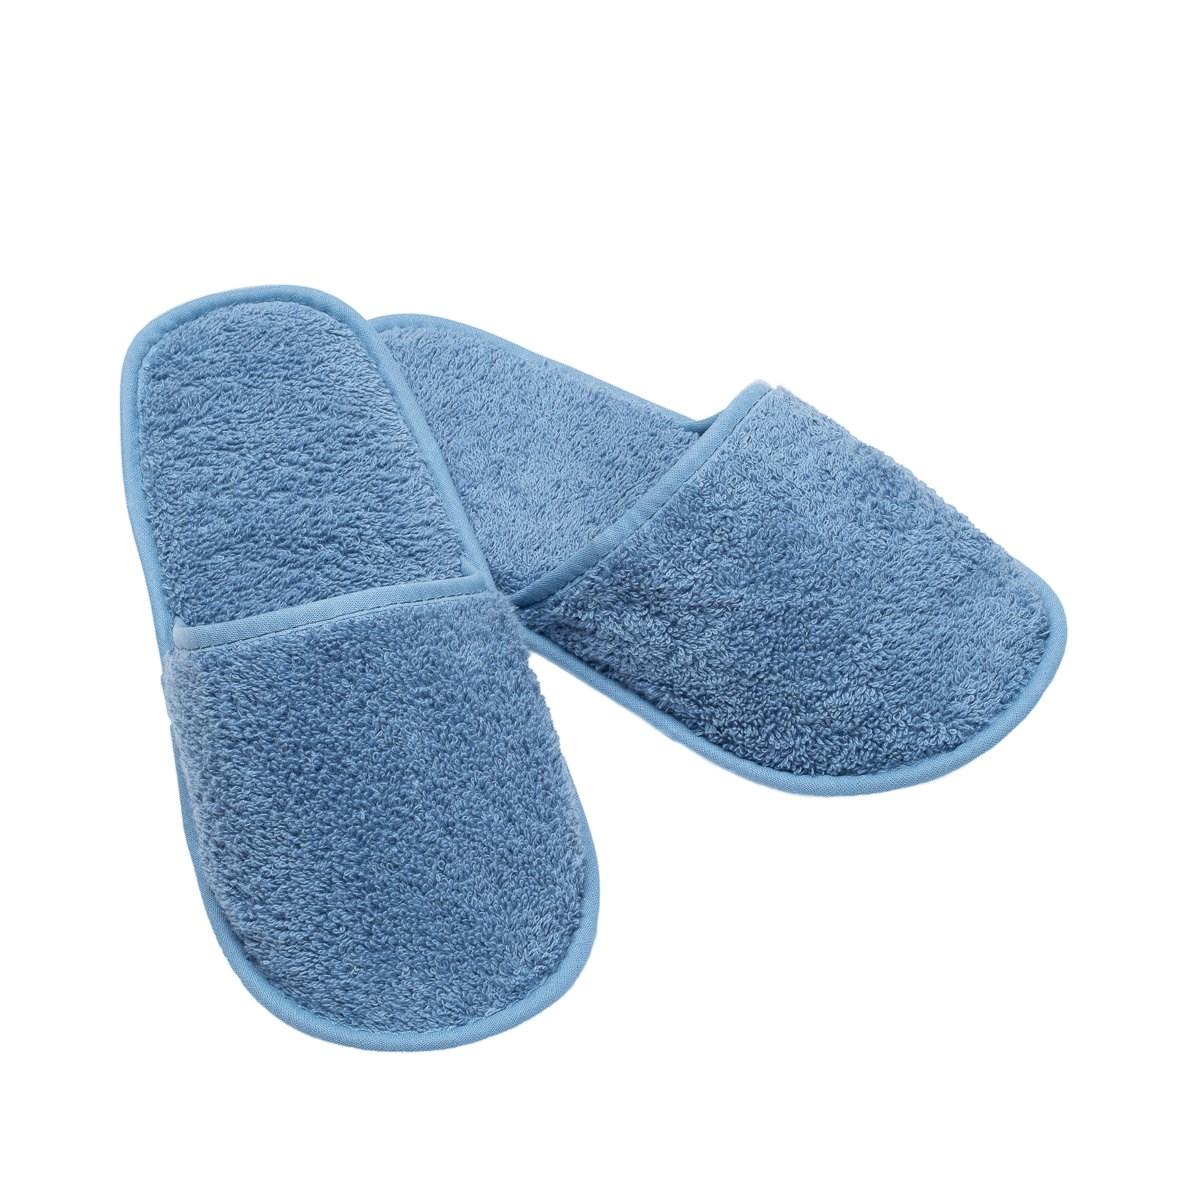 Chausson de bain en eponge bleu ciel taille 40 (photo)